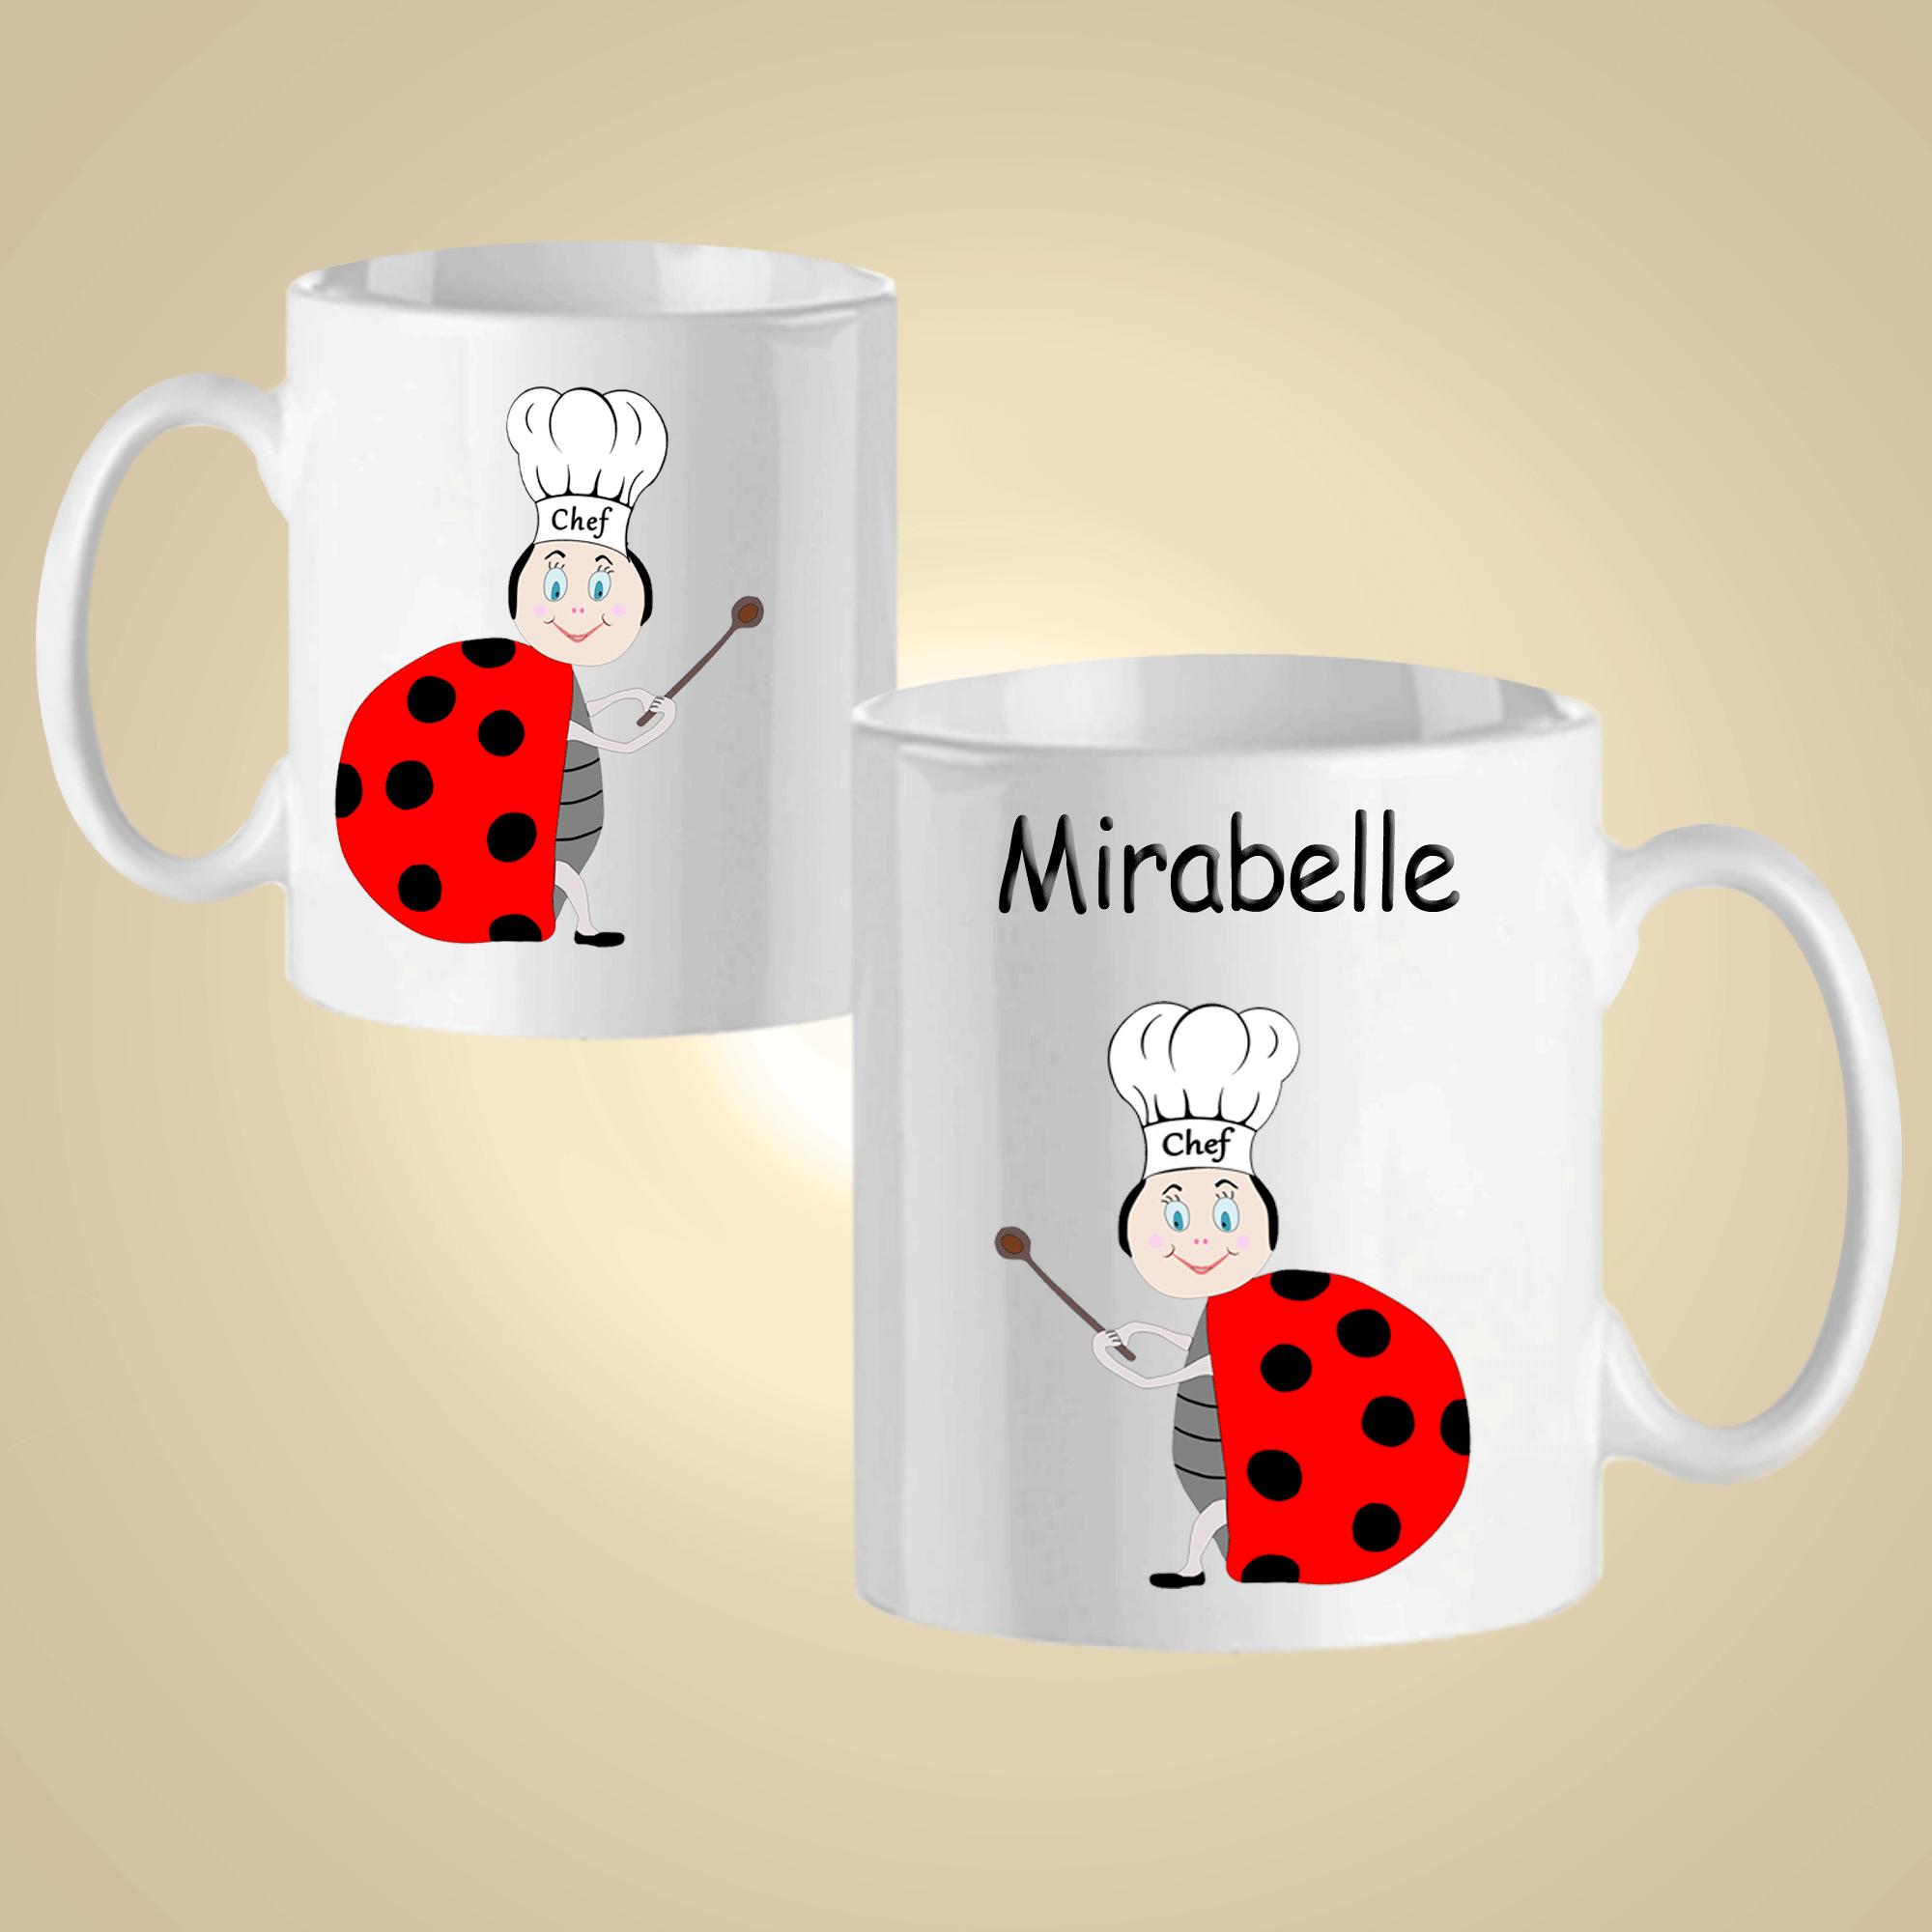 mug-coccinelle-prenom-personnalisable-personnalisation-personnalise-blanc-ceramique-tasse-cuisine-cuillere-animal-insecte-bete-a-bondieu-mirabelle